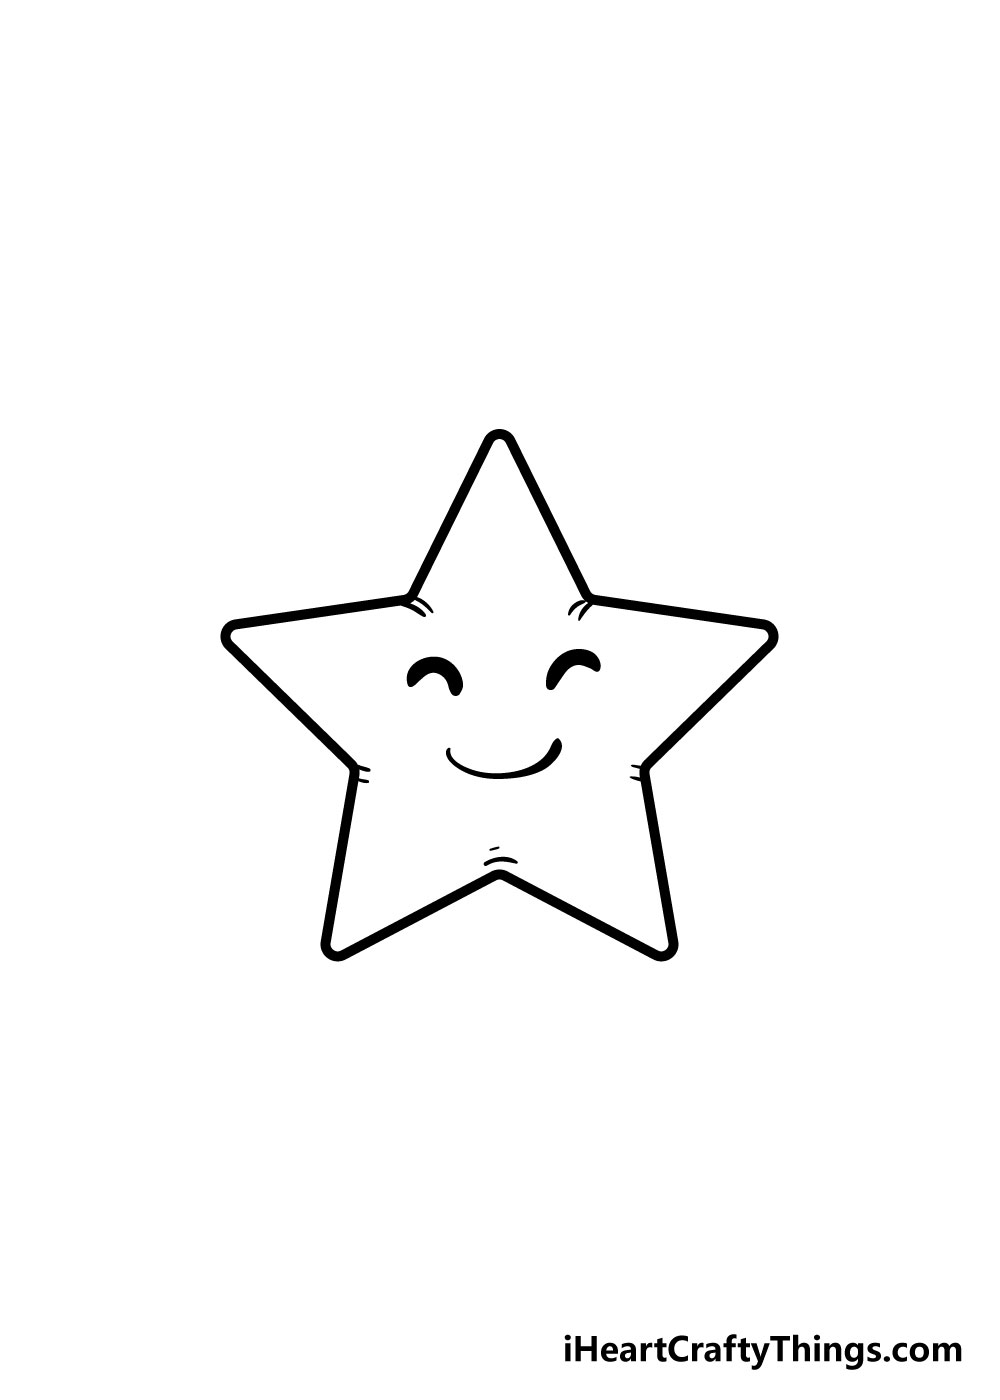 vẽ ngôi sao bước 6